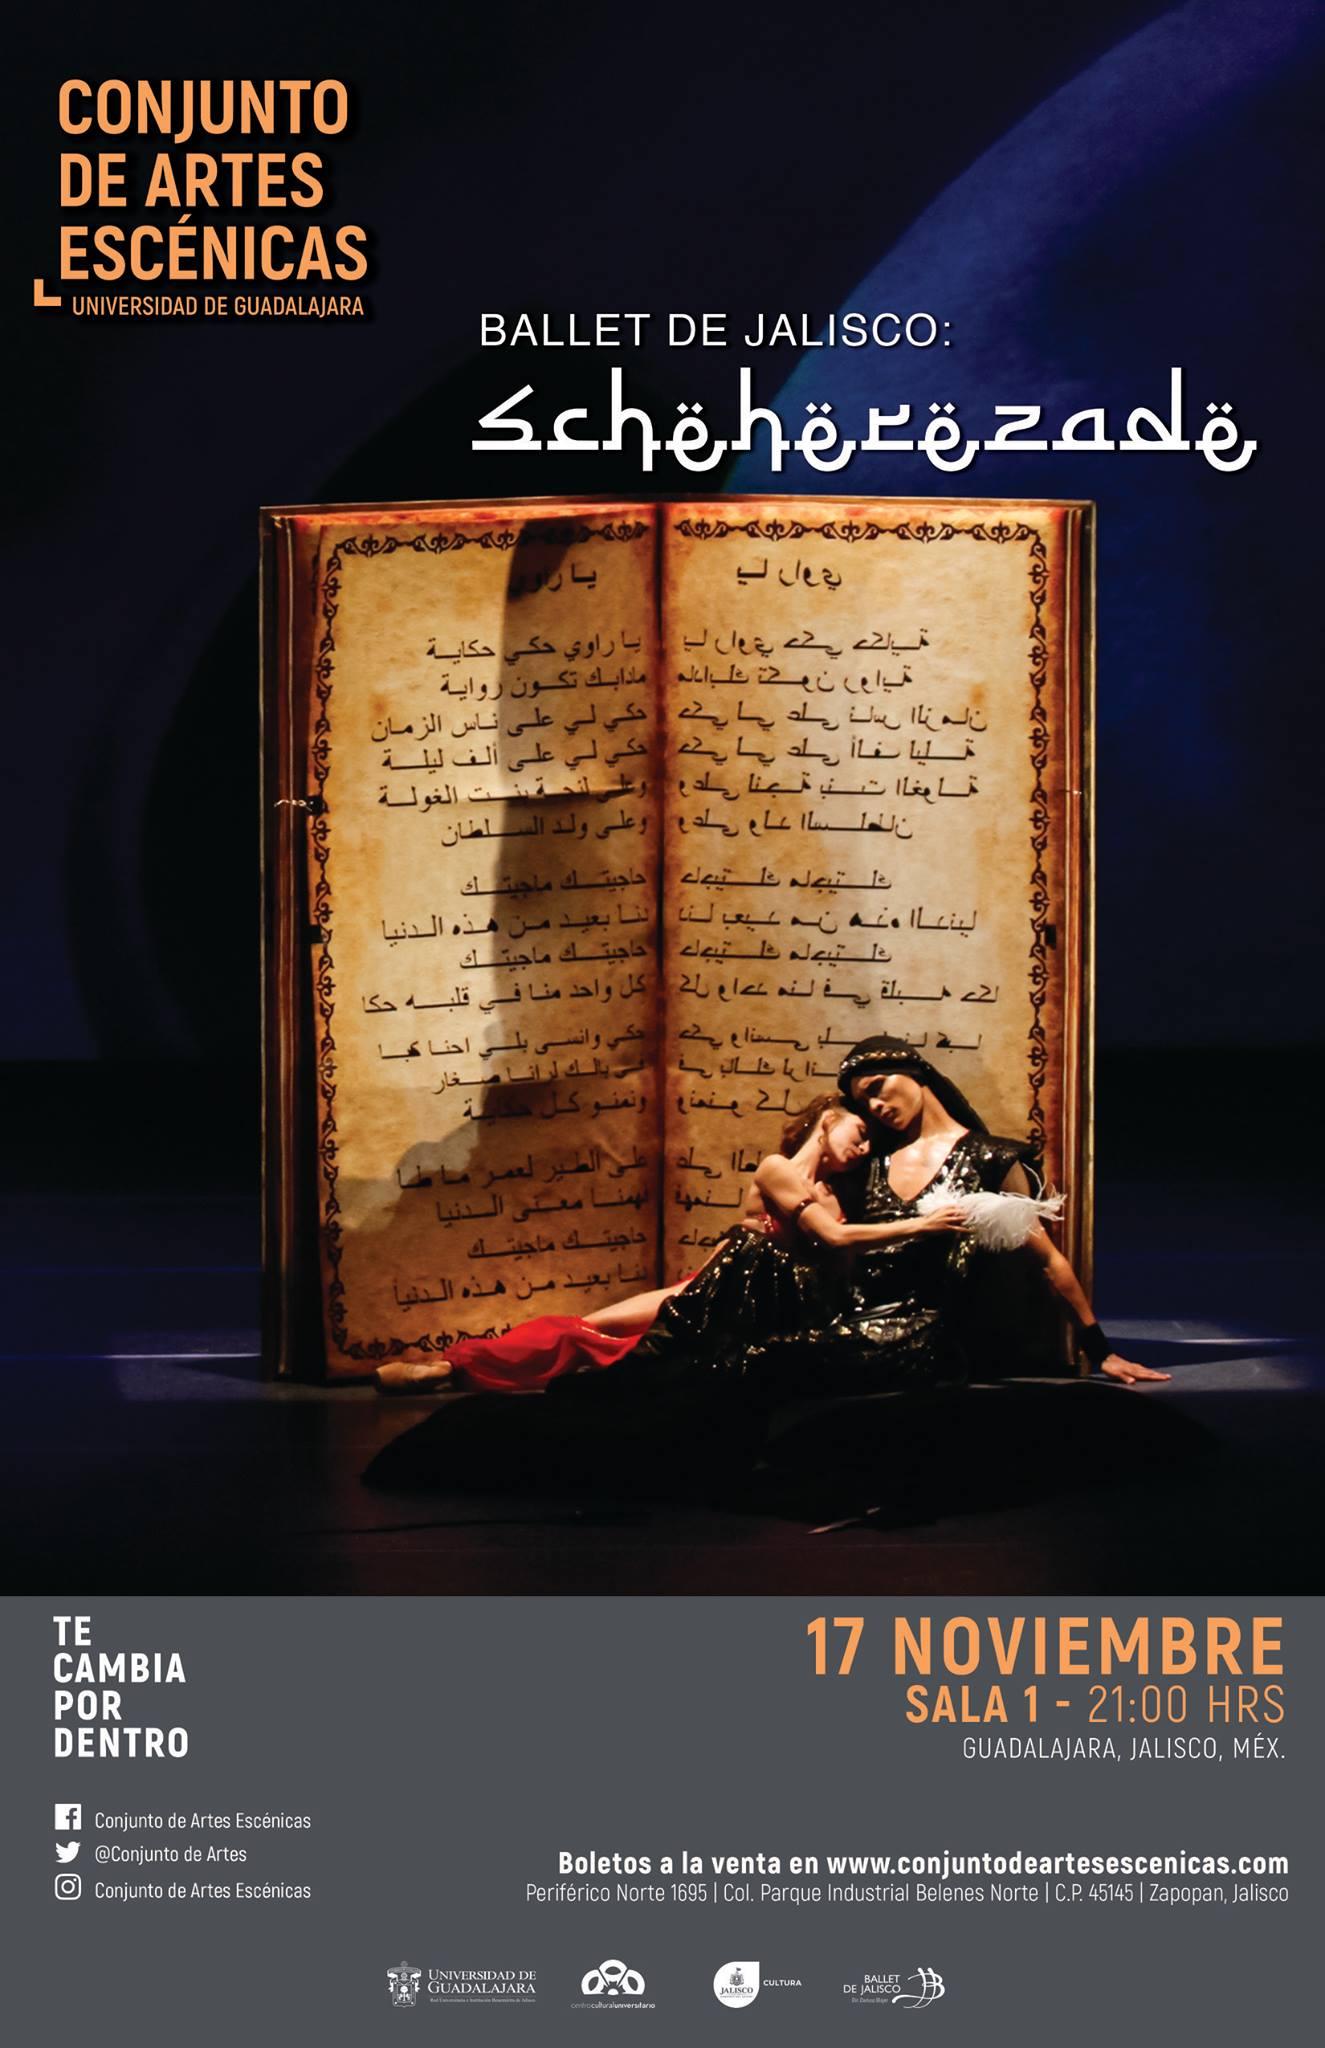 El Ballet de Jalisco presenta Scheherazade, 17 de Noviembre en Conjunto de Artes Escénicas